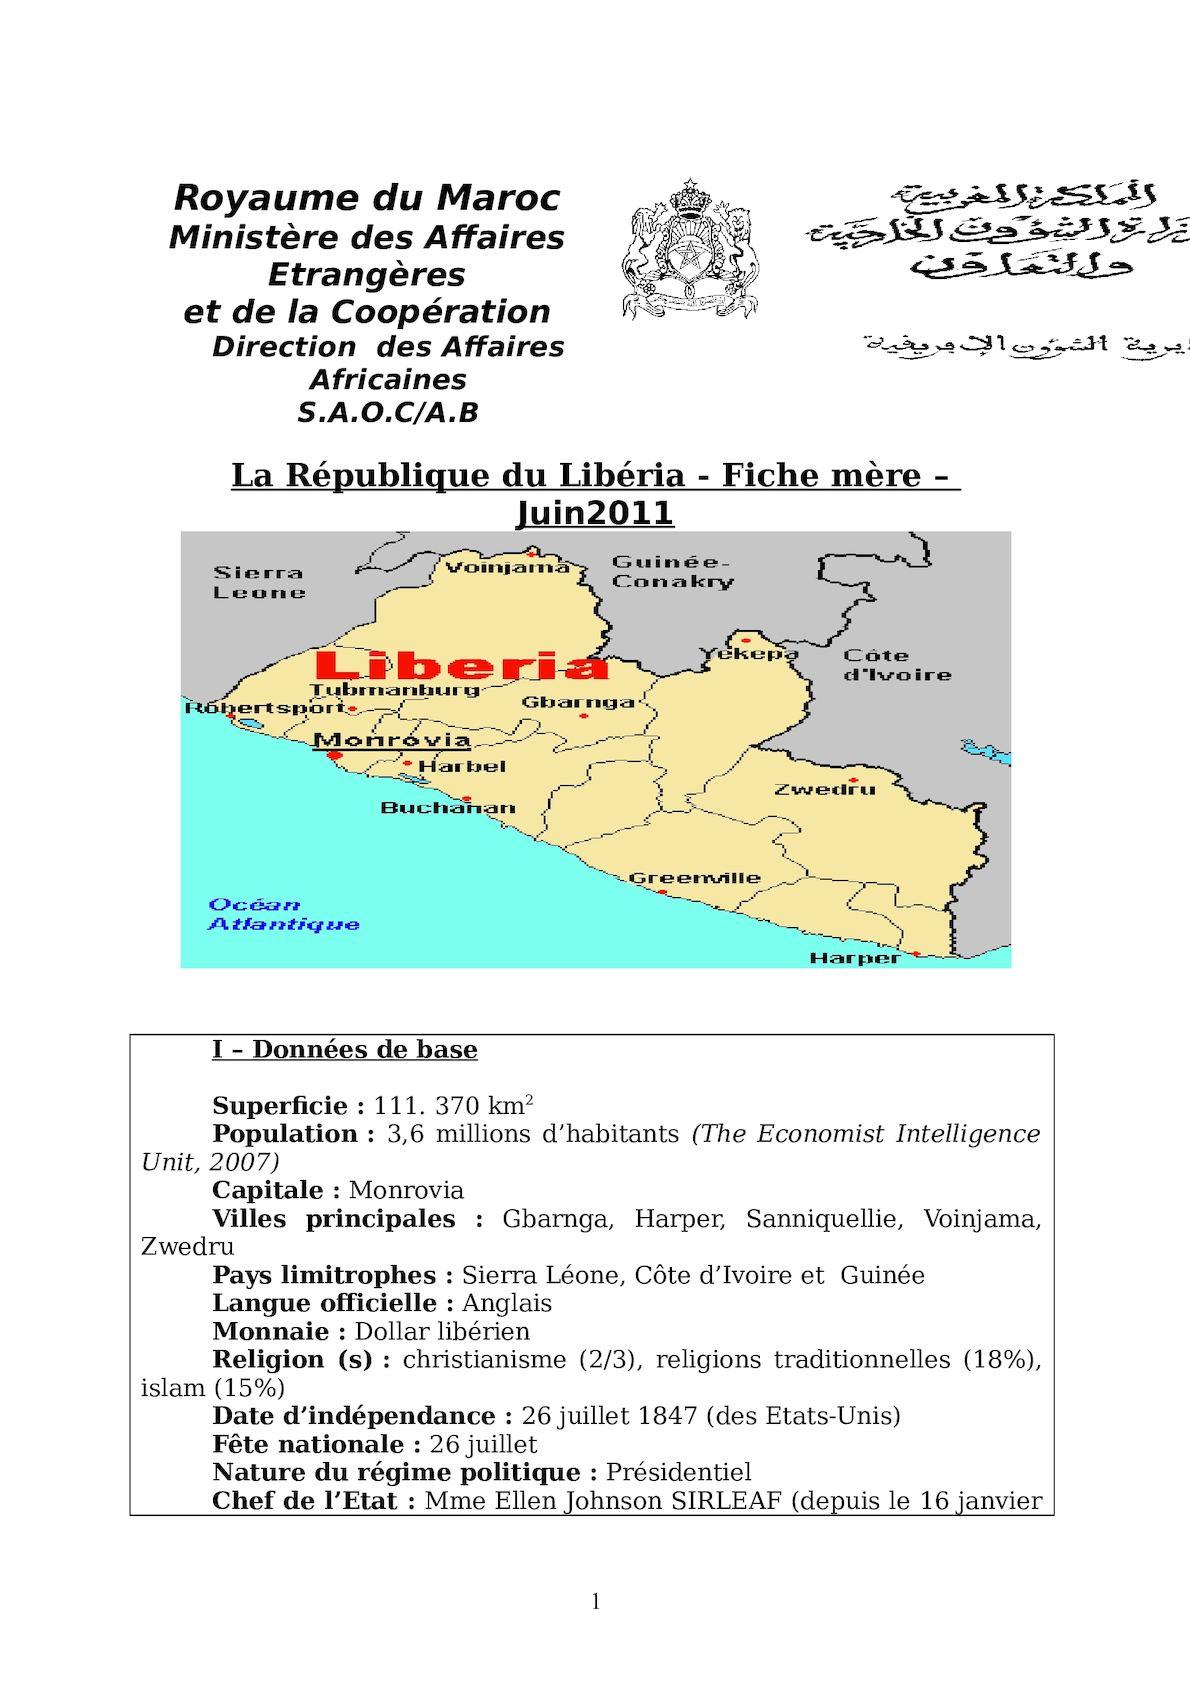 LIBERIA - Fiche Mère -.